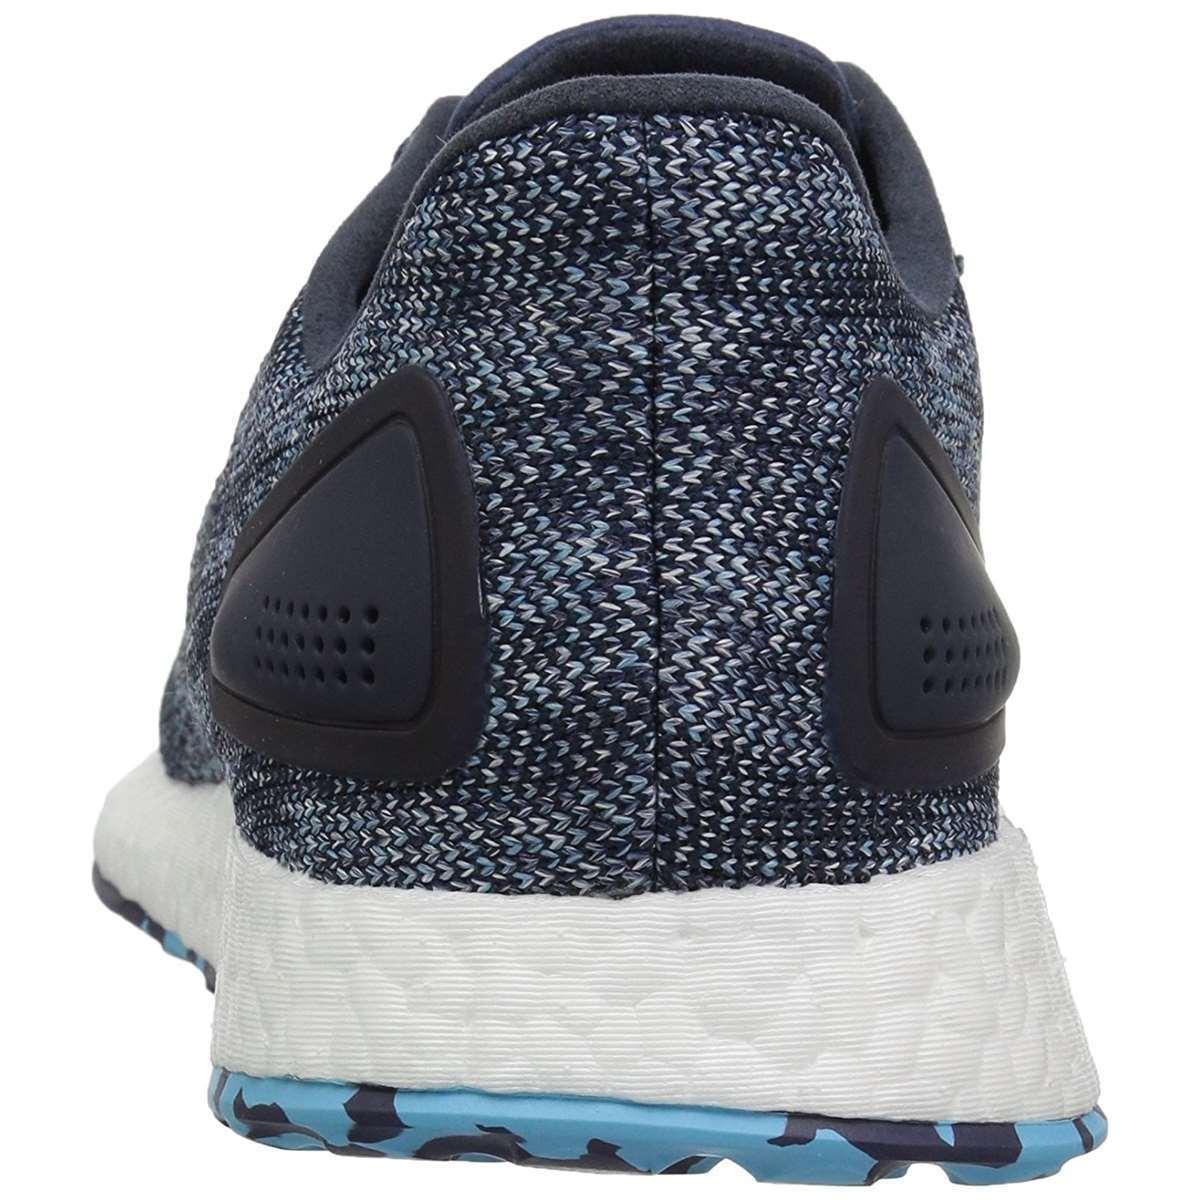 Bei adidas neue pureboost dpr laufschuhe authentische neue adidas turnschuhe 884e5a